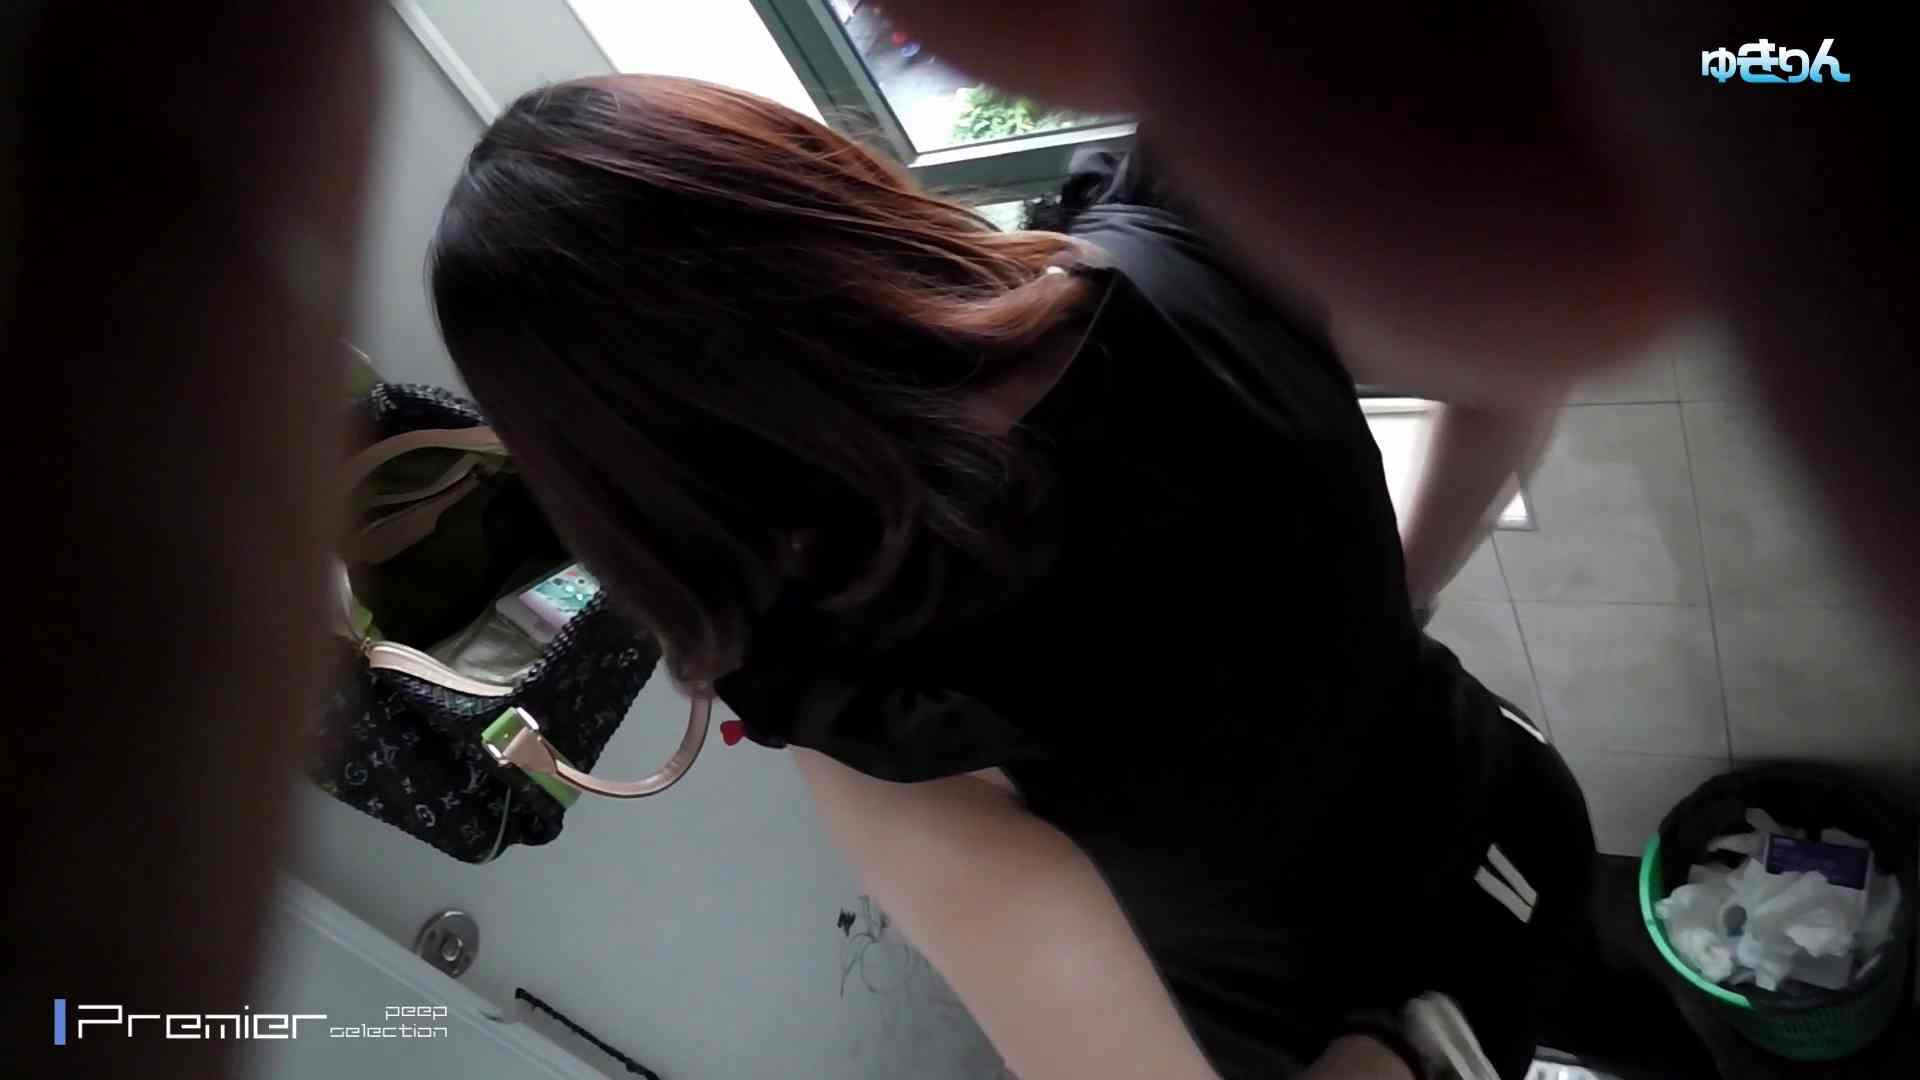 ステーション編 vol60 ユキリン粘着撮り!!今回はタイトなパンツが似合う美女 パンツ特集   美女  82画像 7